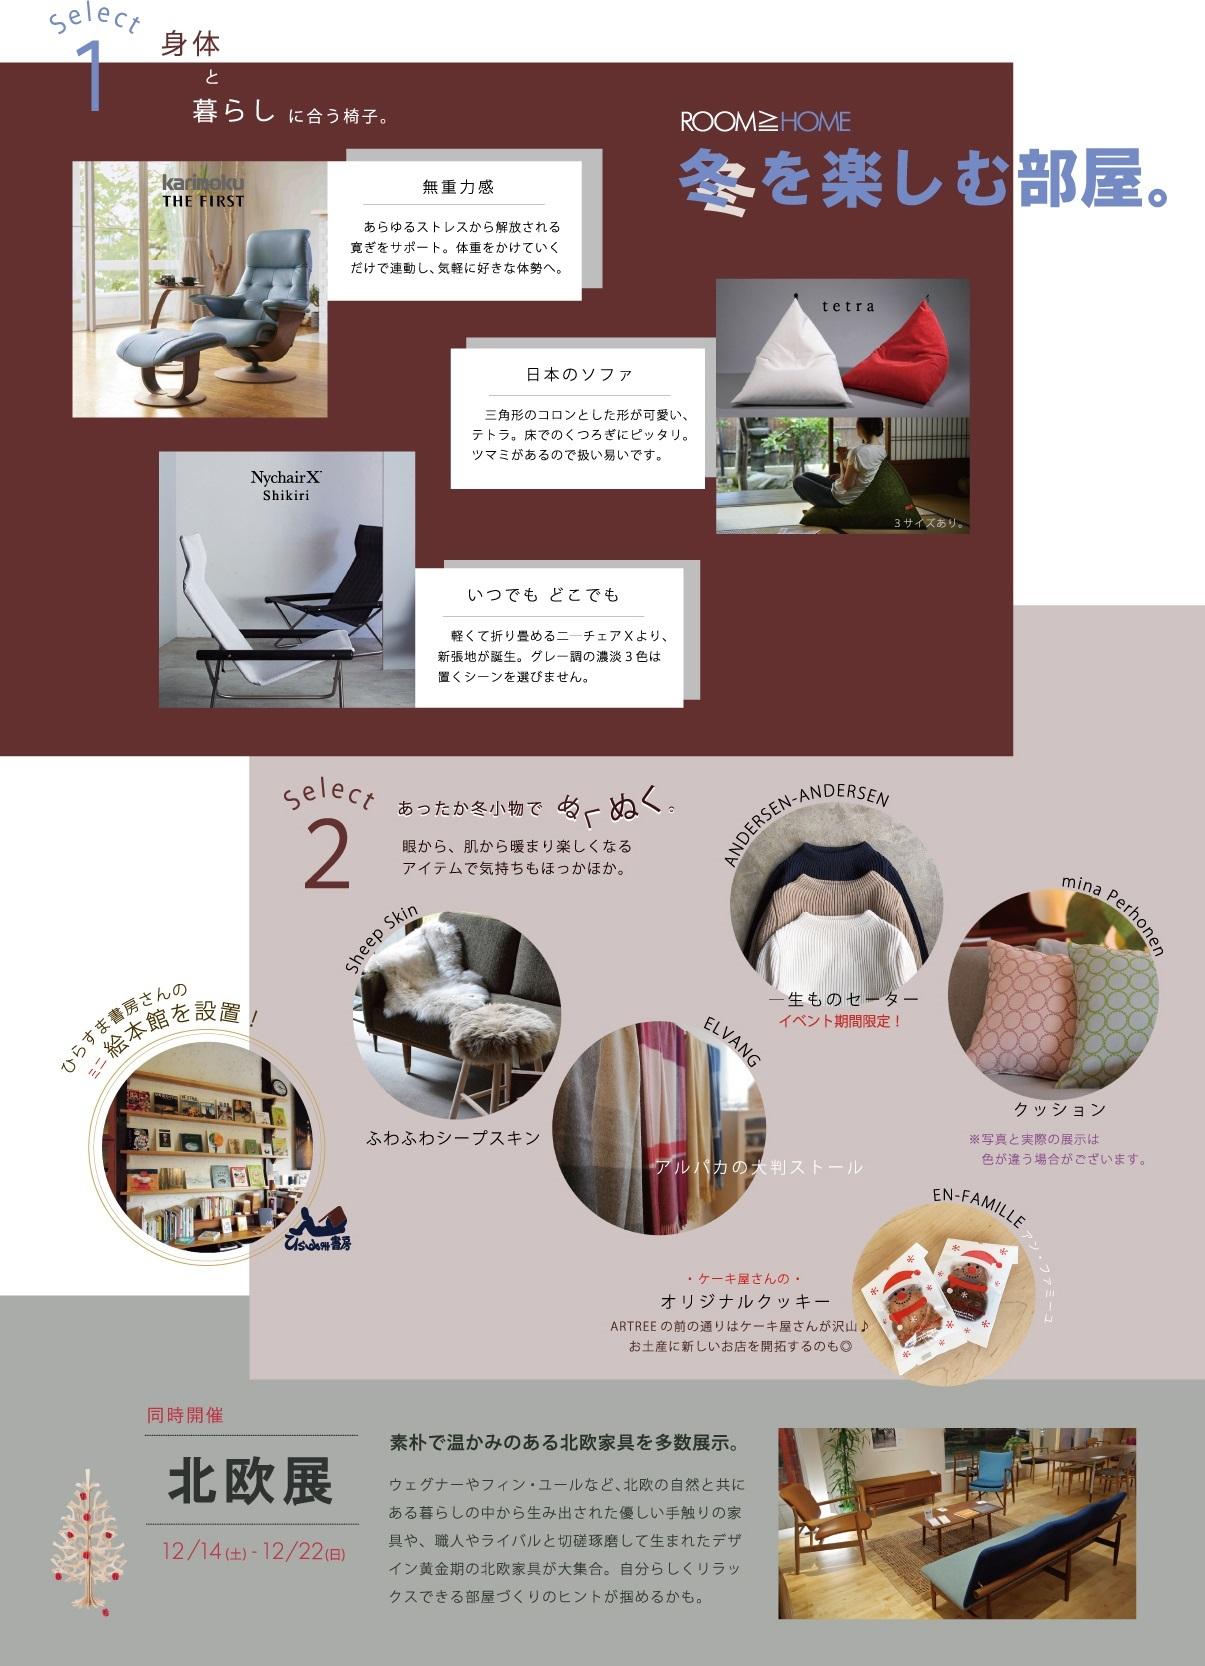 石崎家具富山店 ARTREE様とのコラボイベントのお知らせ_d0224984_17551887.jpg